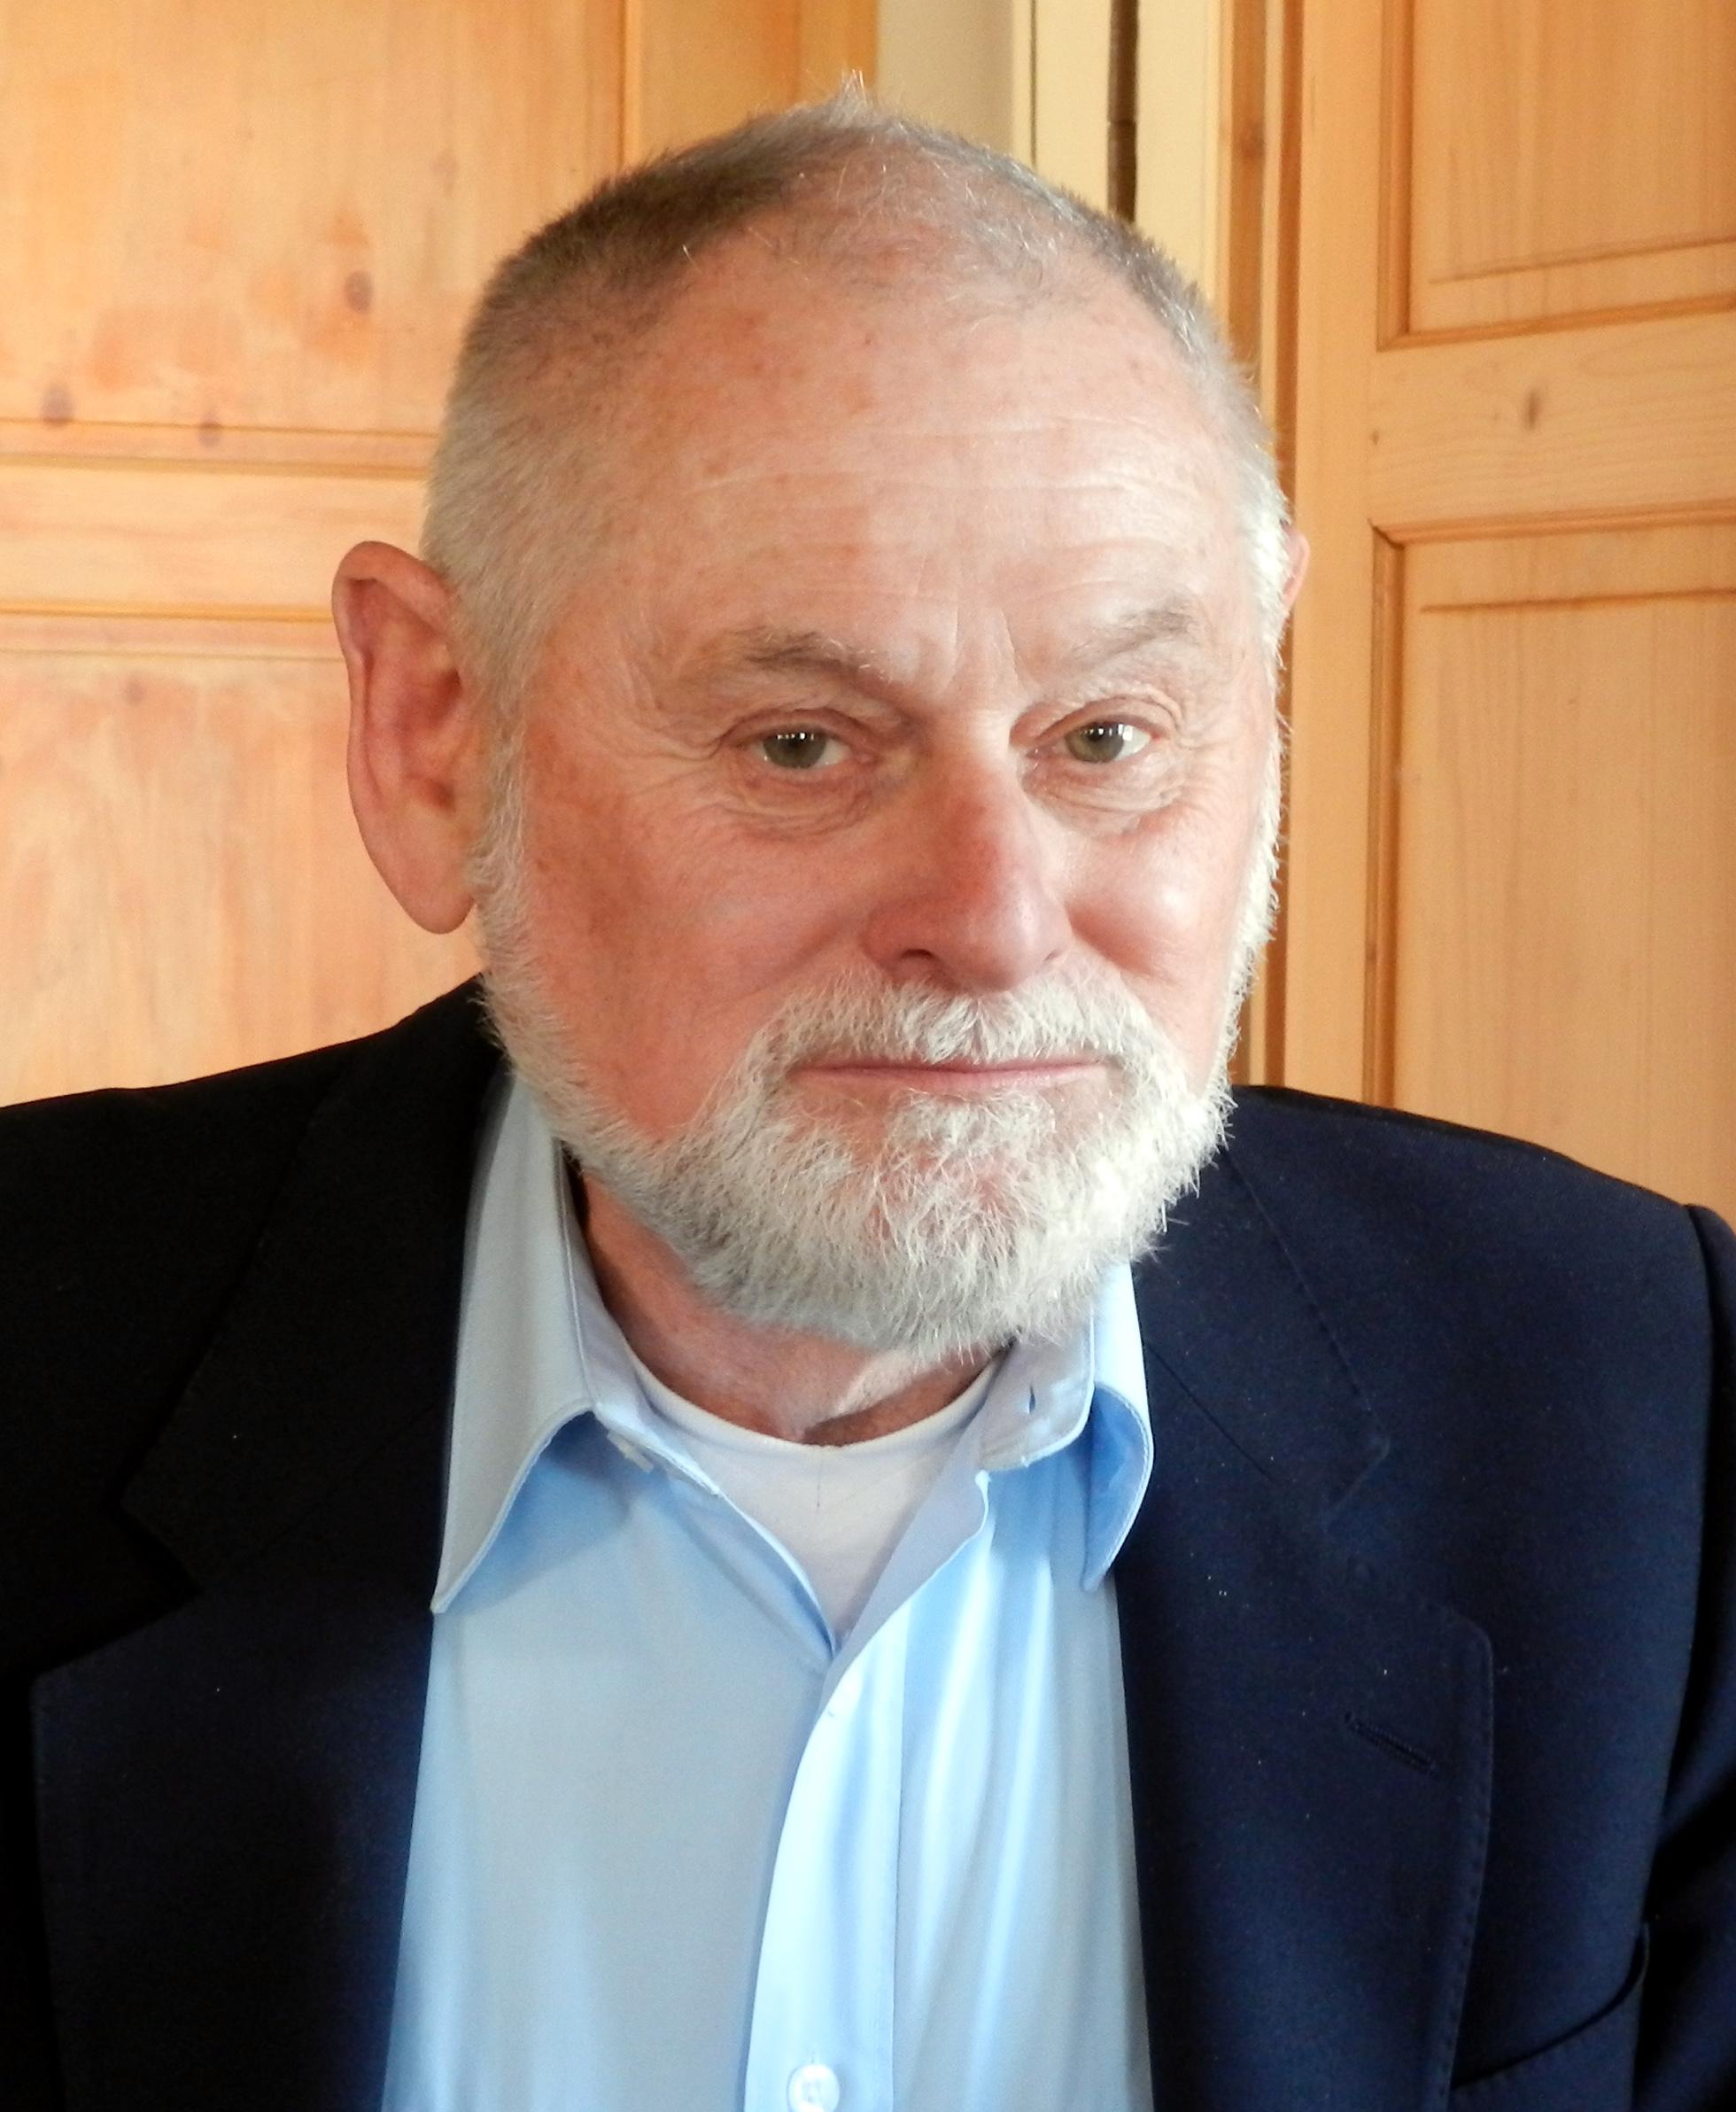 Dr. Dieter Klein